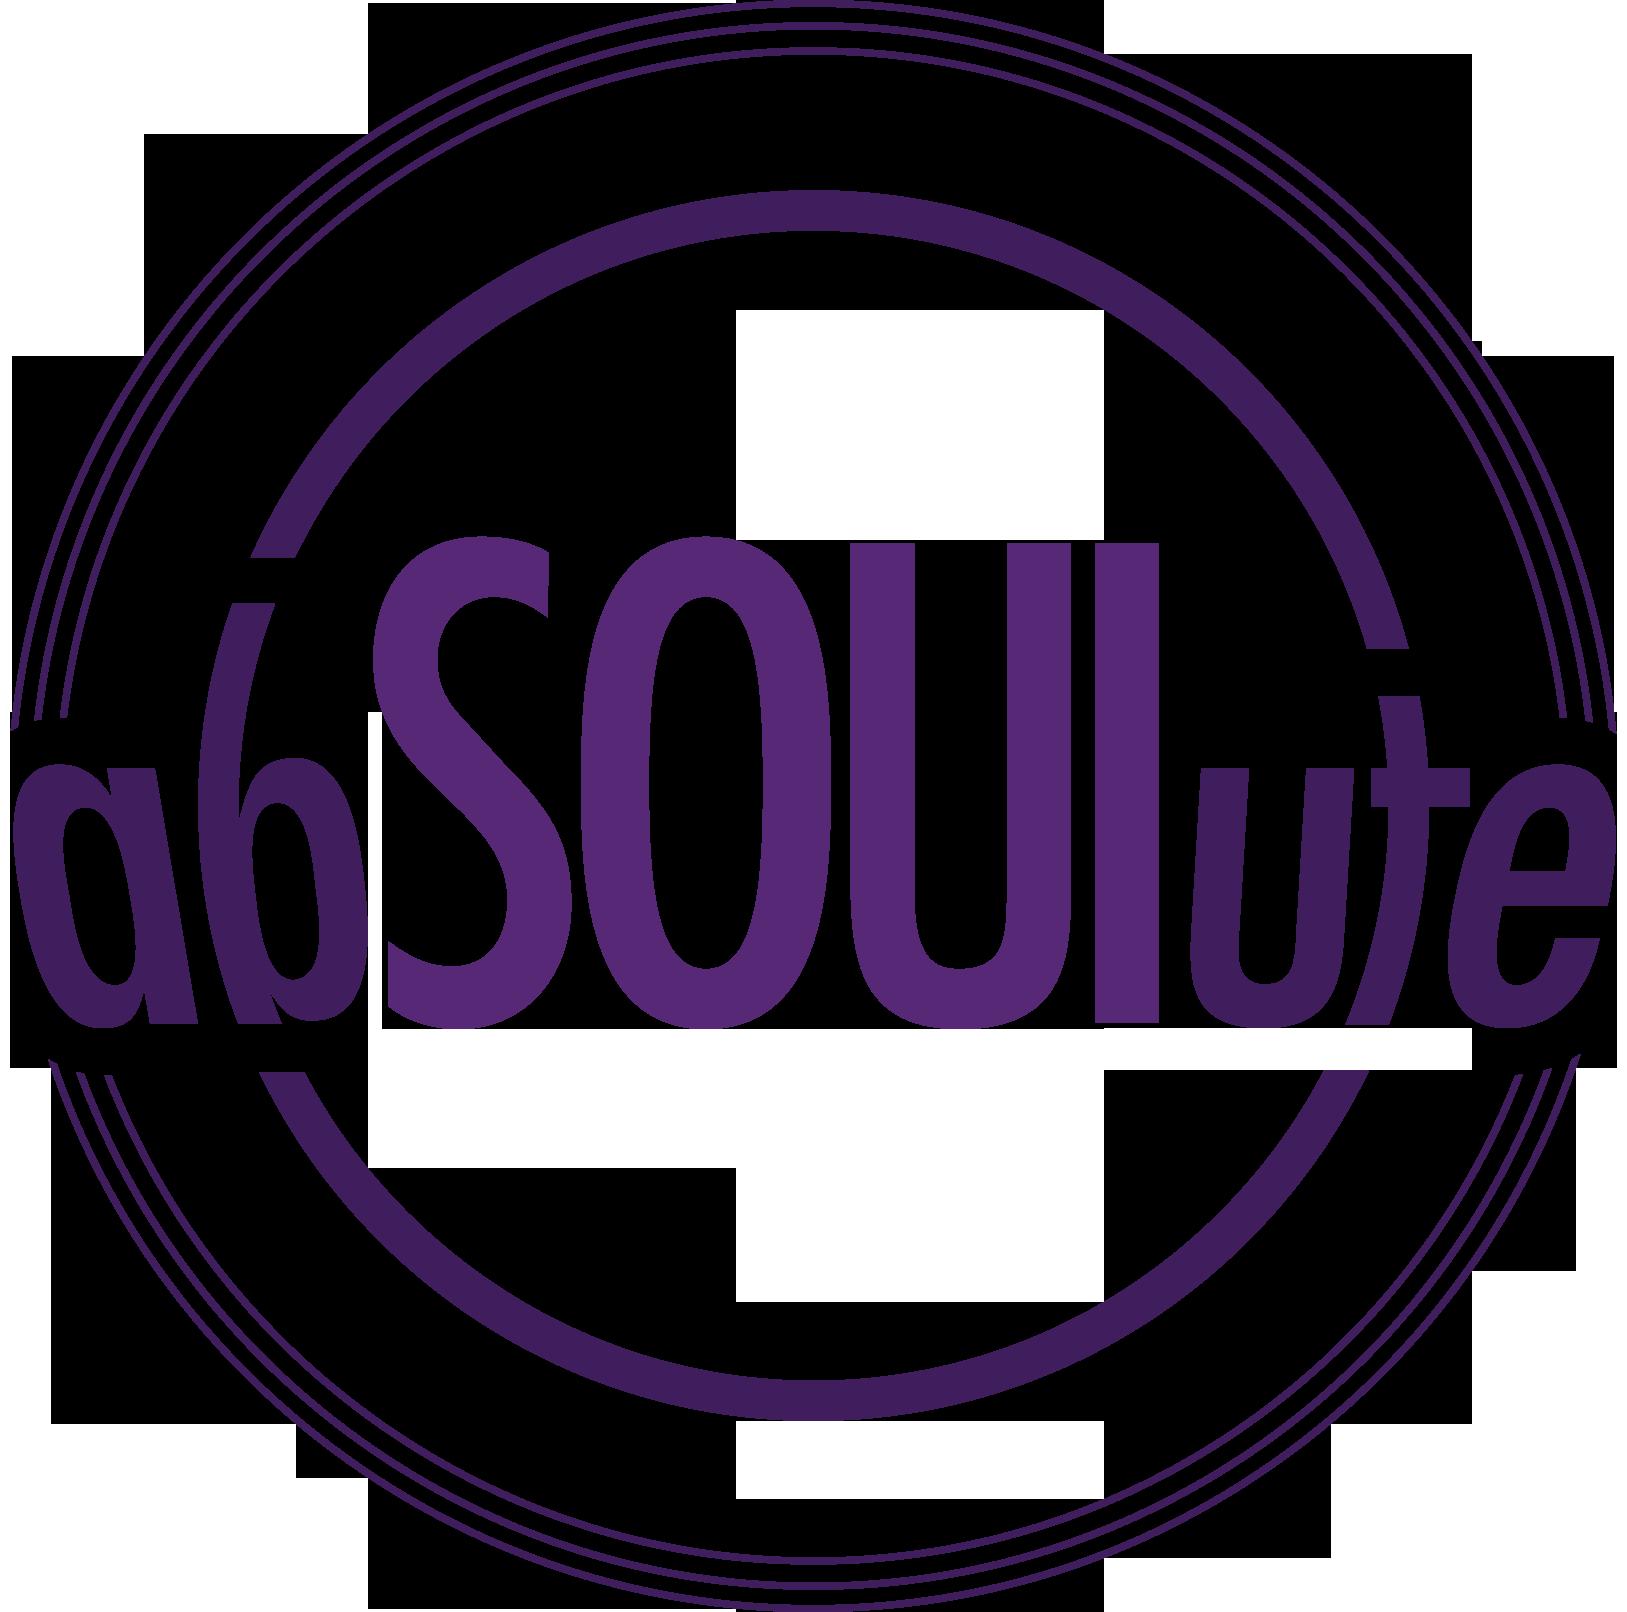 AbSoulute logo